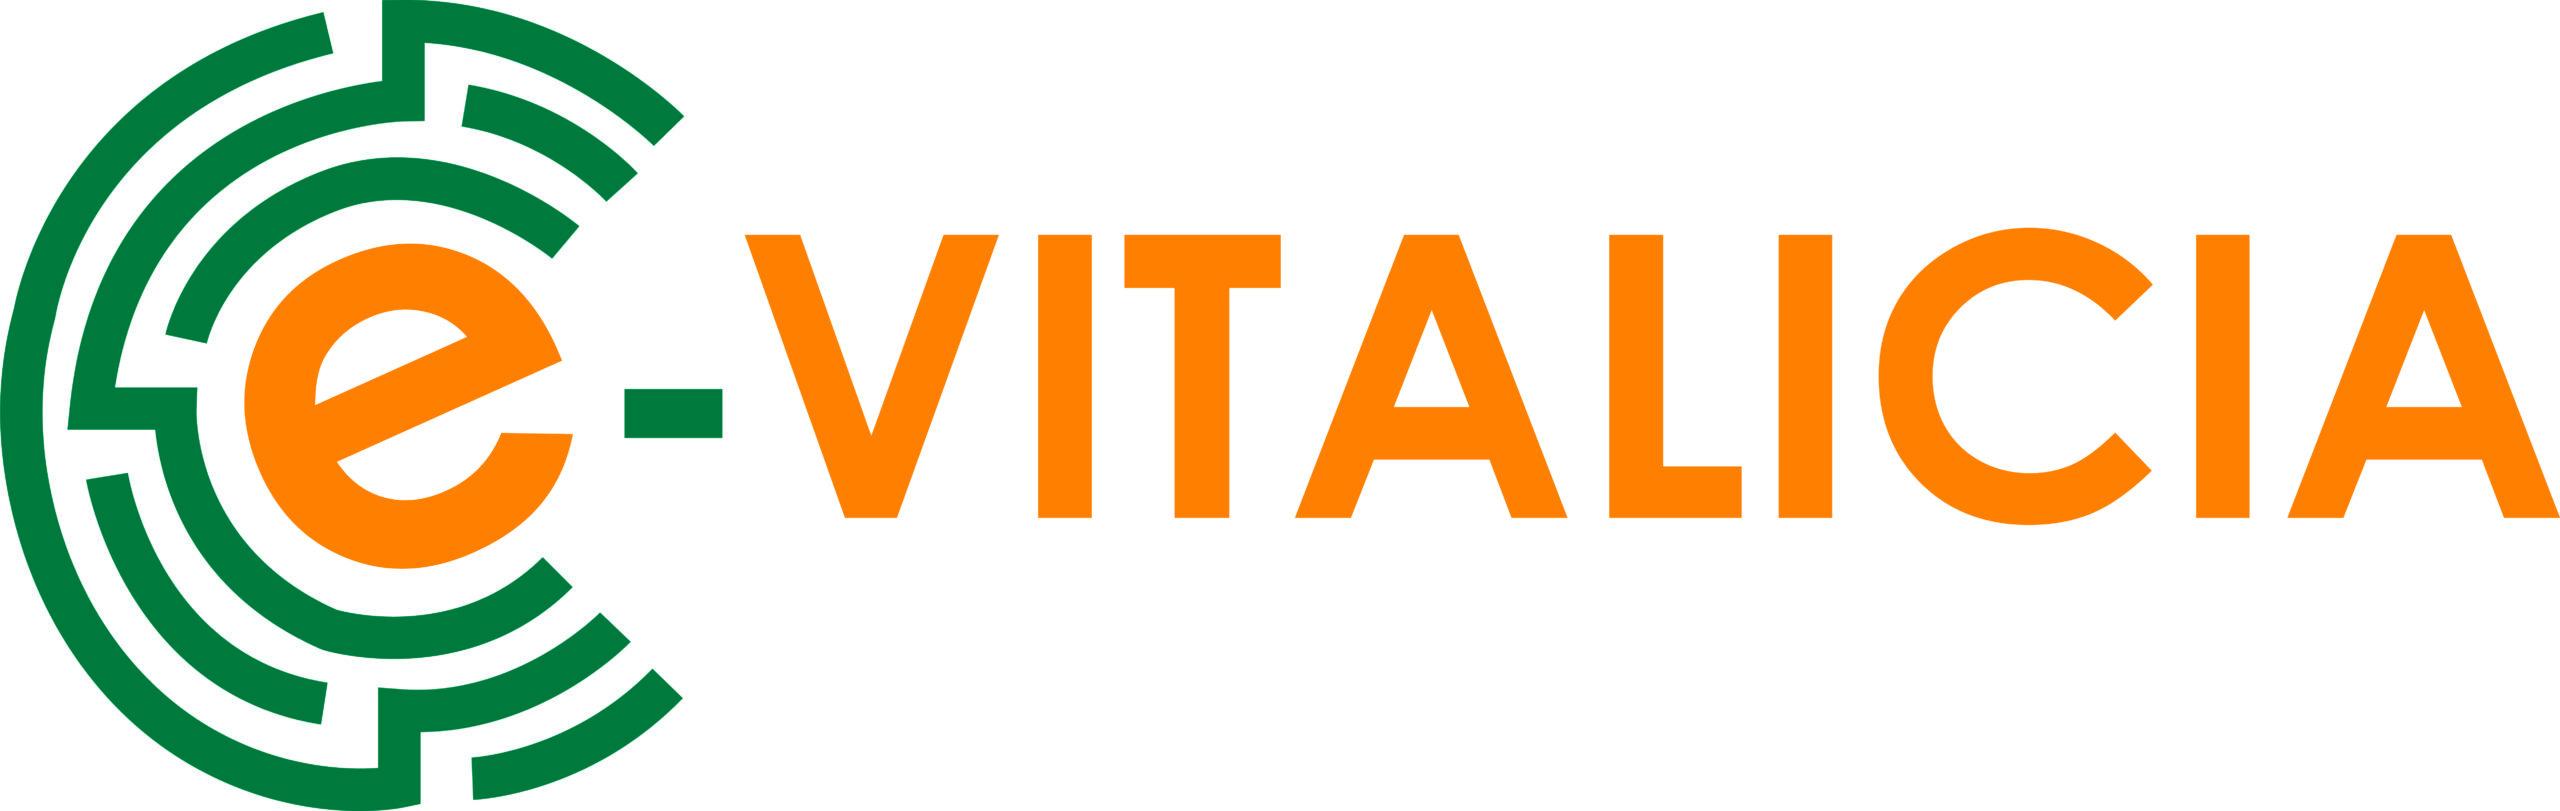 e-Vitalicia